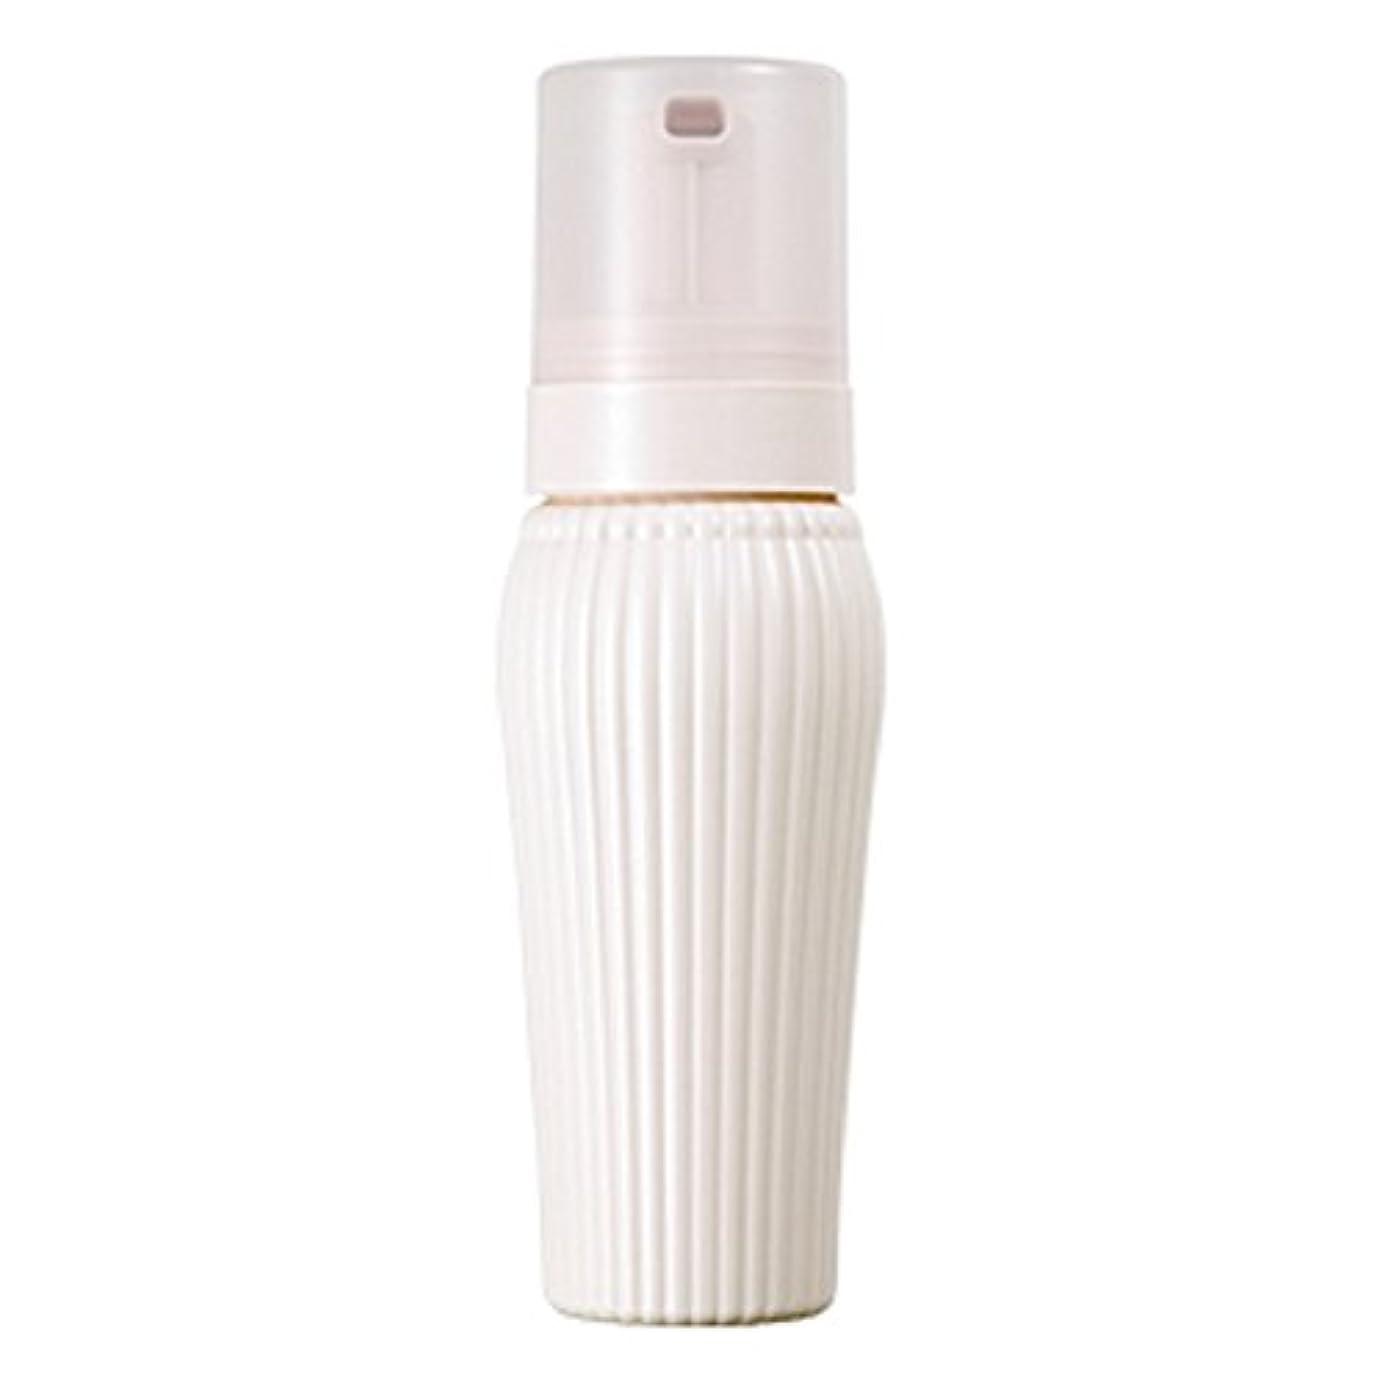 ウェーハ驚くべき柔和アユーラ (AYURA) fサインディフェンス ムースクレンズ b (医薬部外品) 150mL 〈敏感肌用 洗顔料〉 ムース状 薬用洗顔